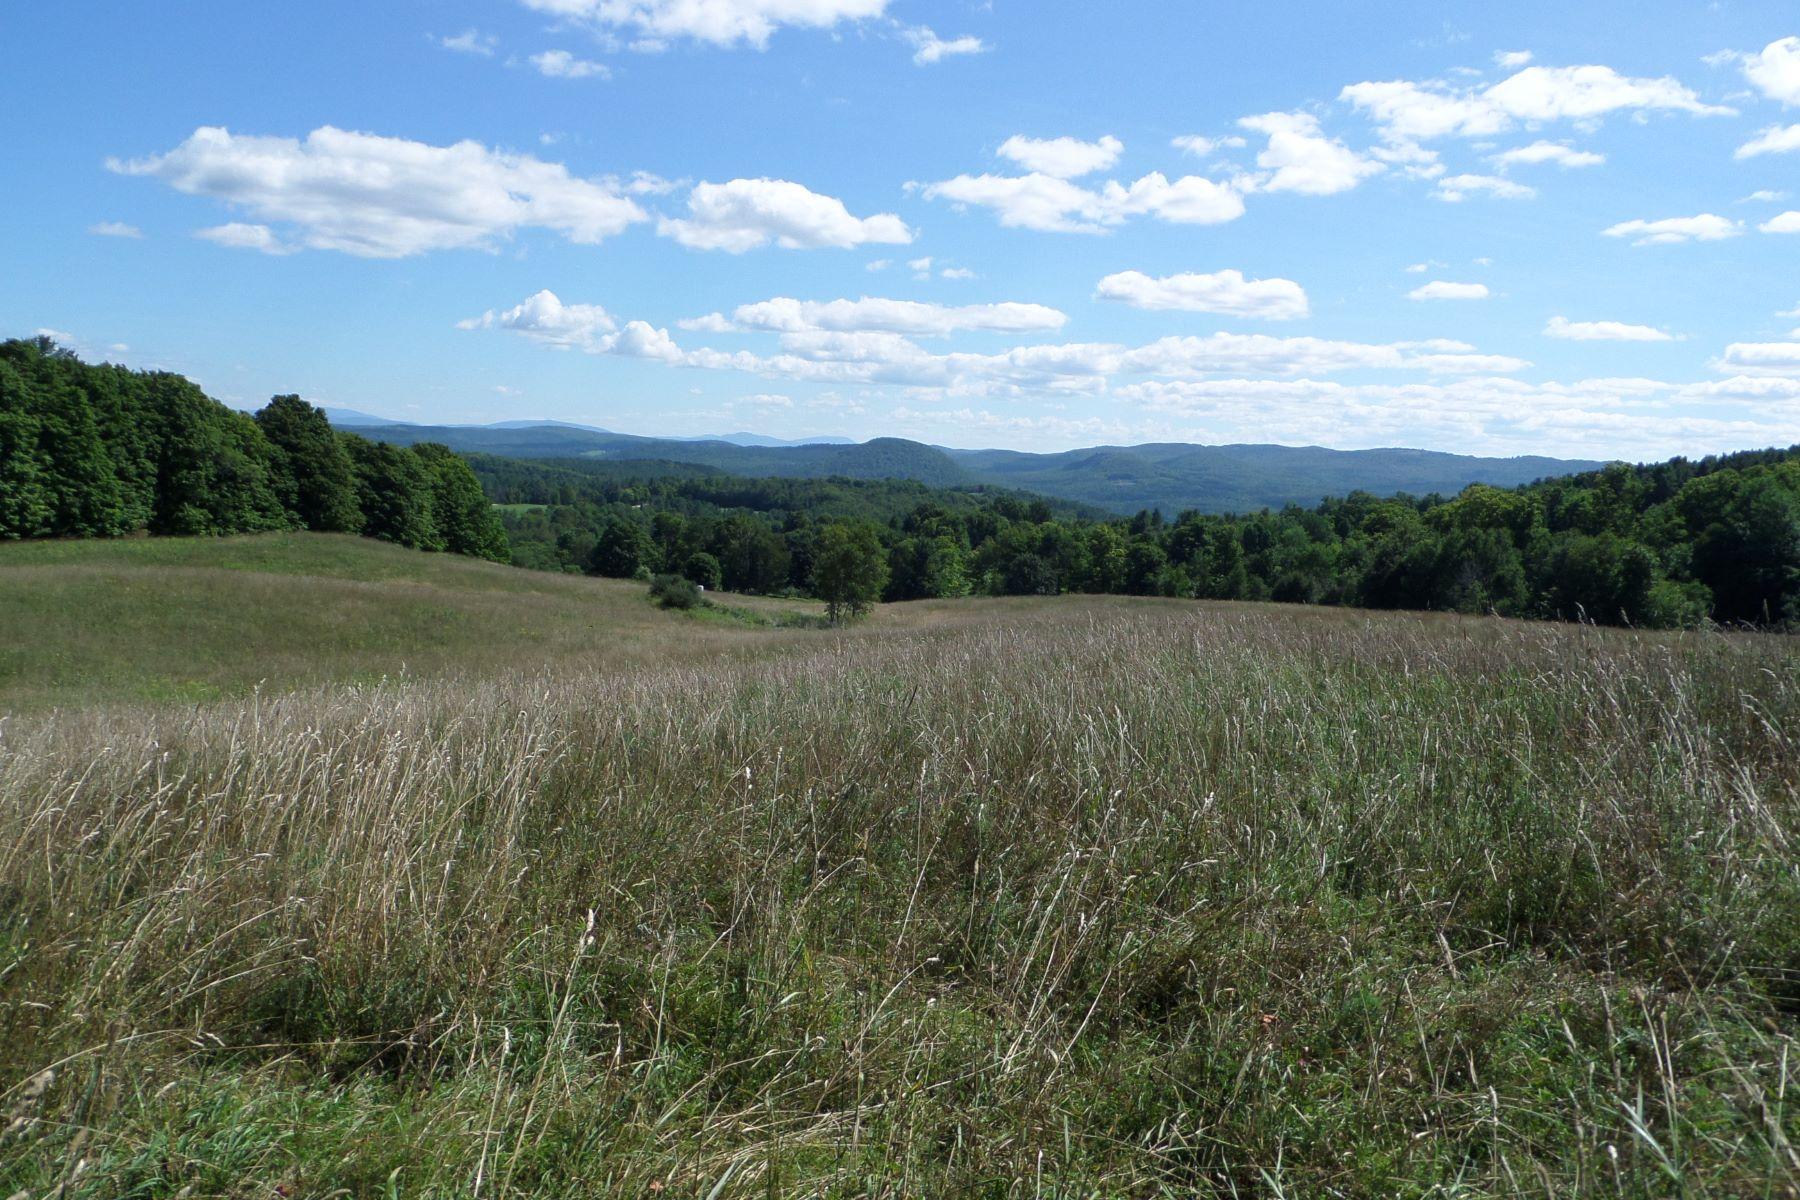 Villa per Vendita alle ore 221 & 26 Great Road, Groton 221 & 26 Great Rd Groton, Vermont, 05046 Stati Uniti